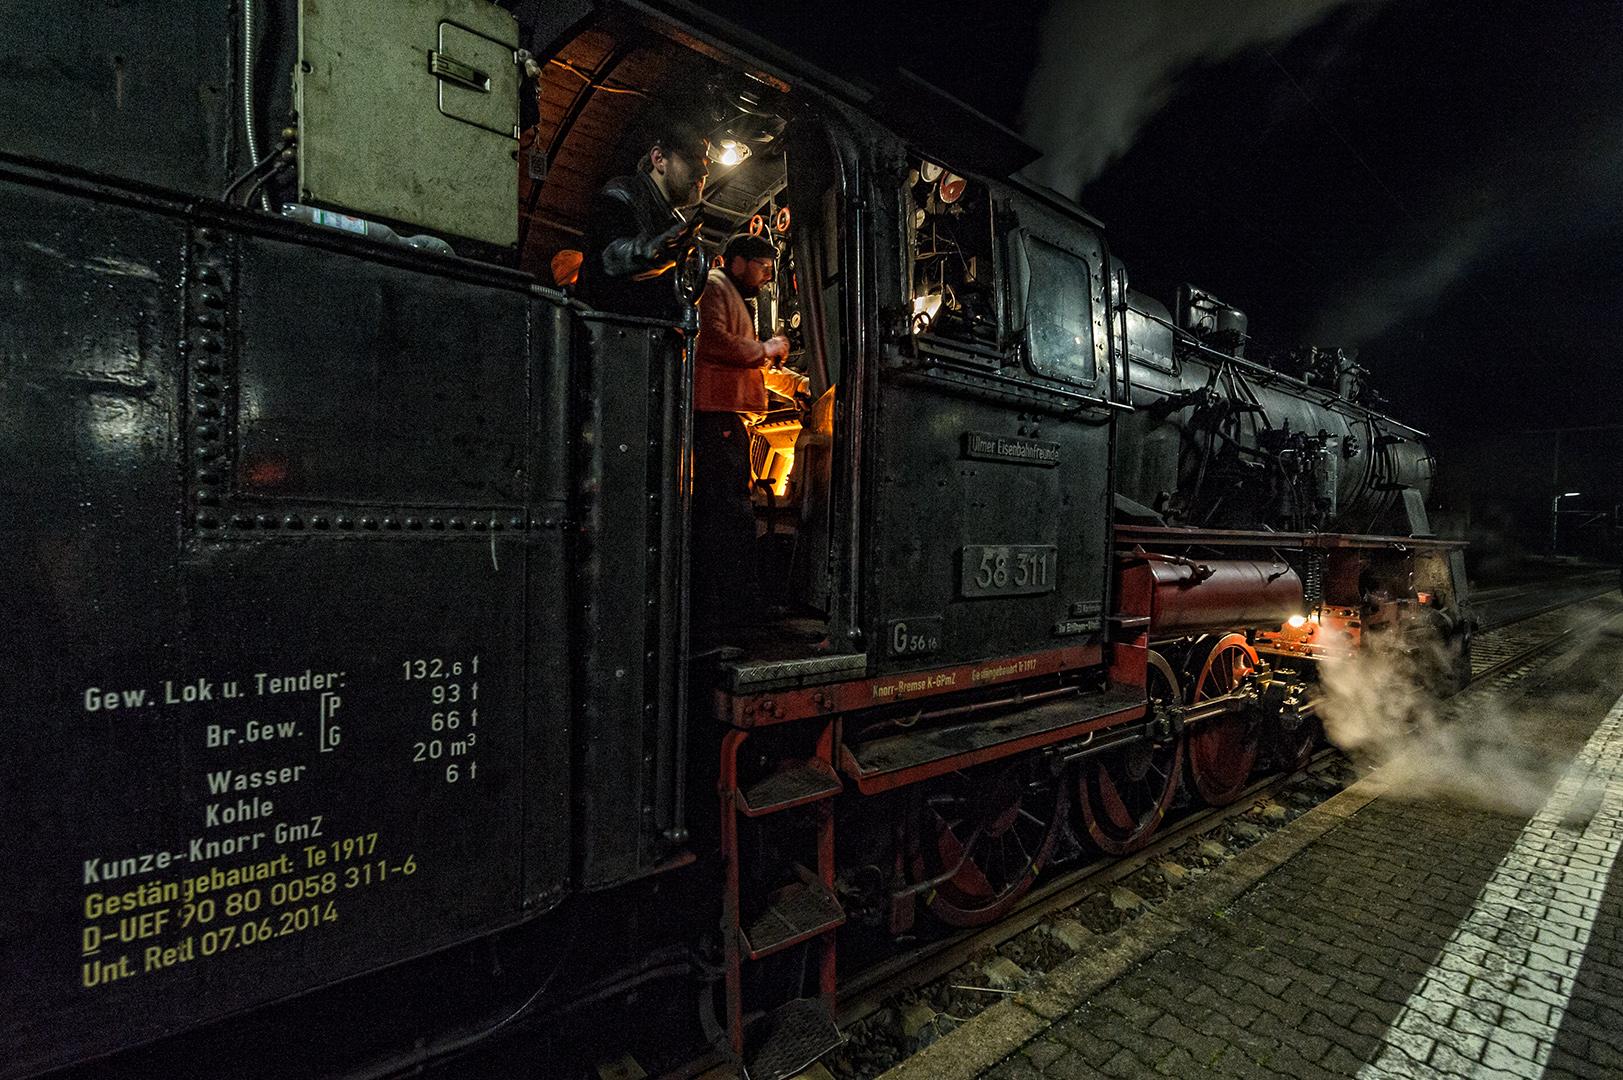 58 311 nachts in Butzbach